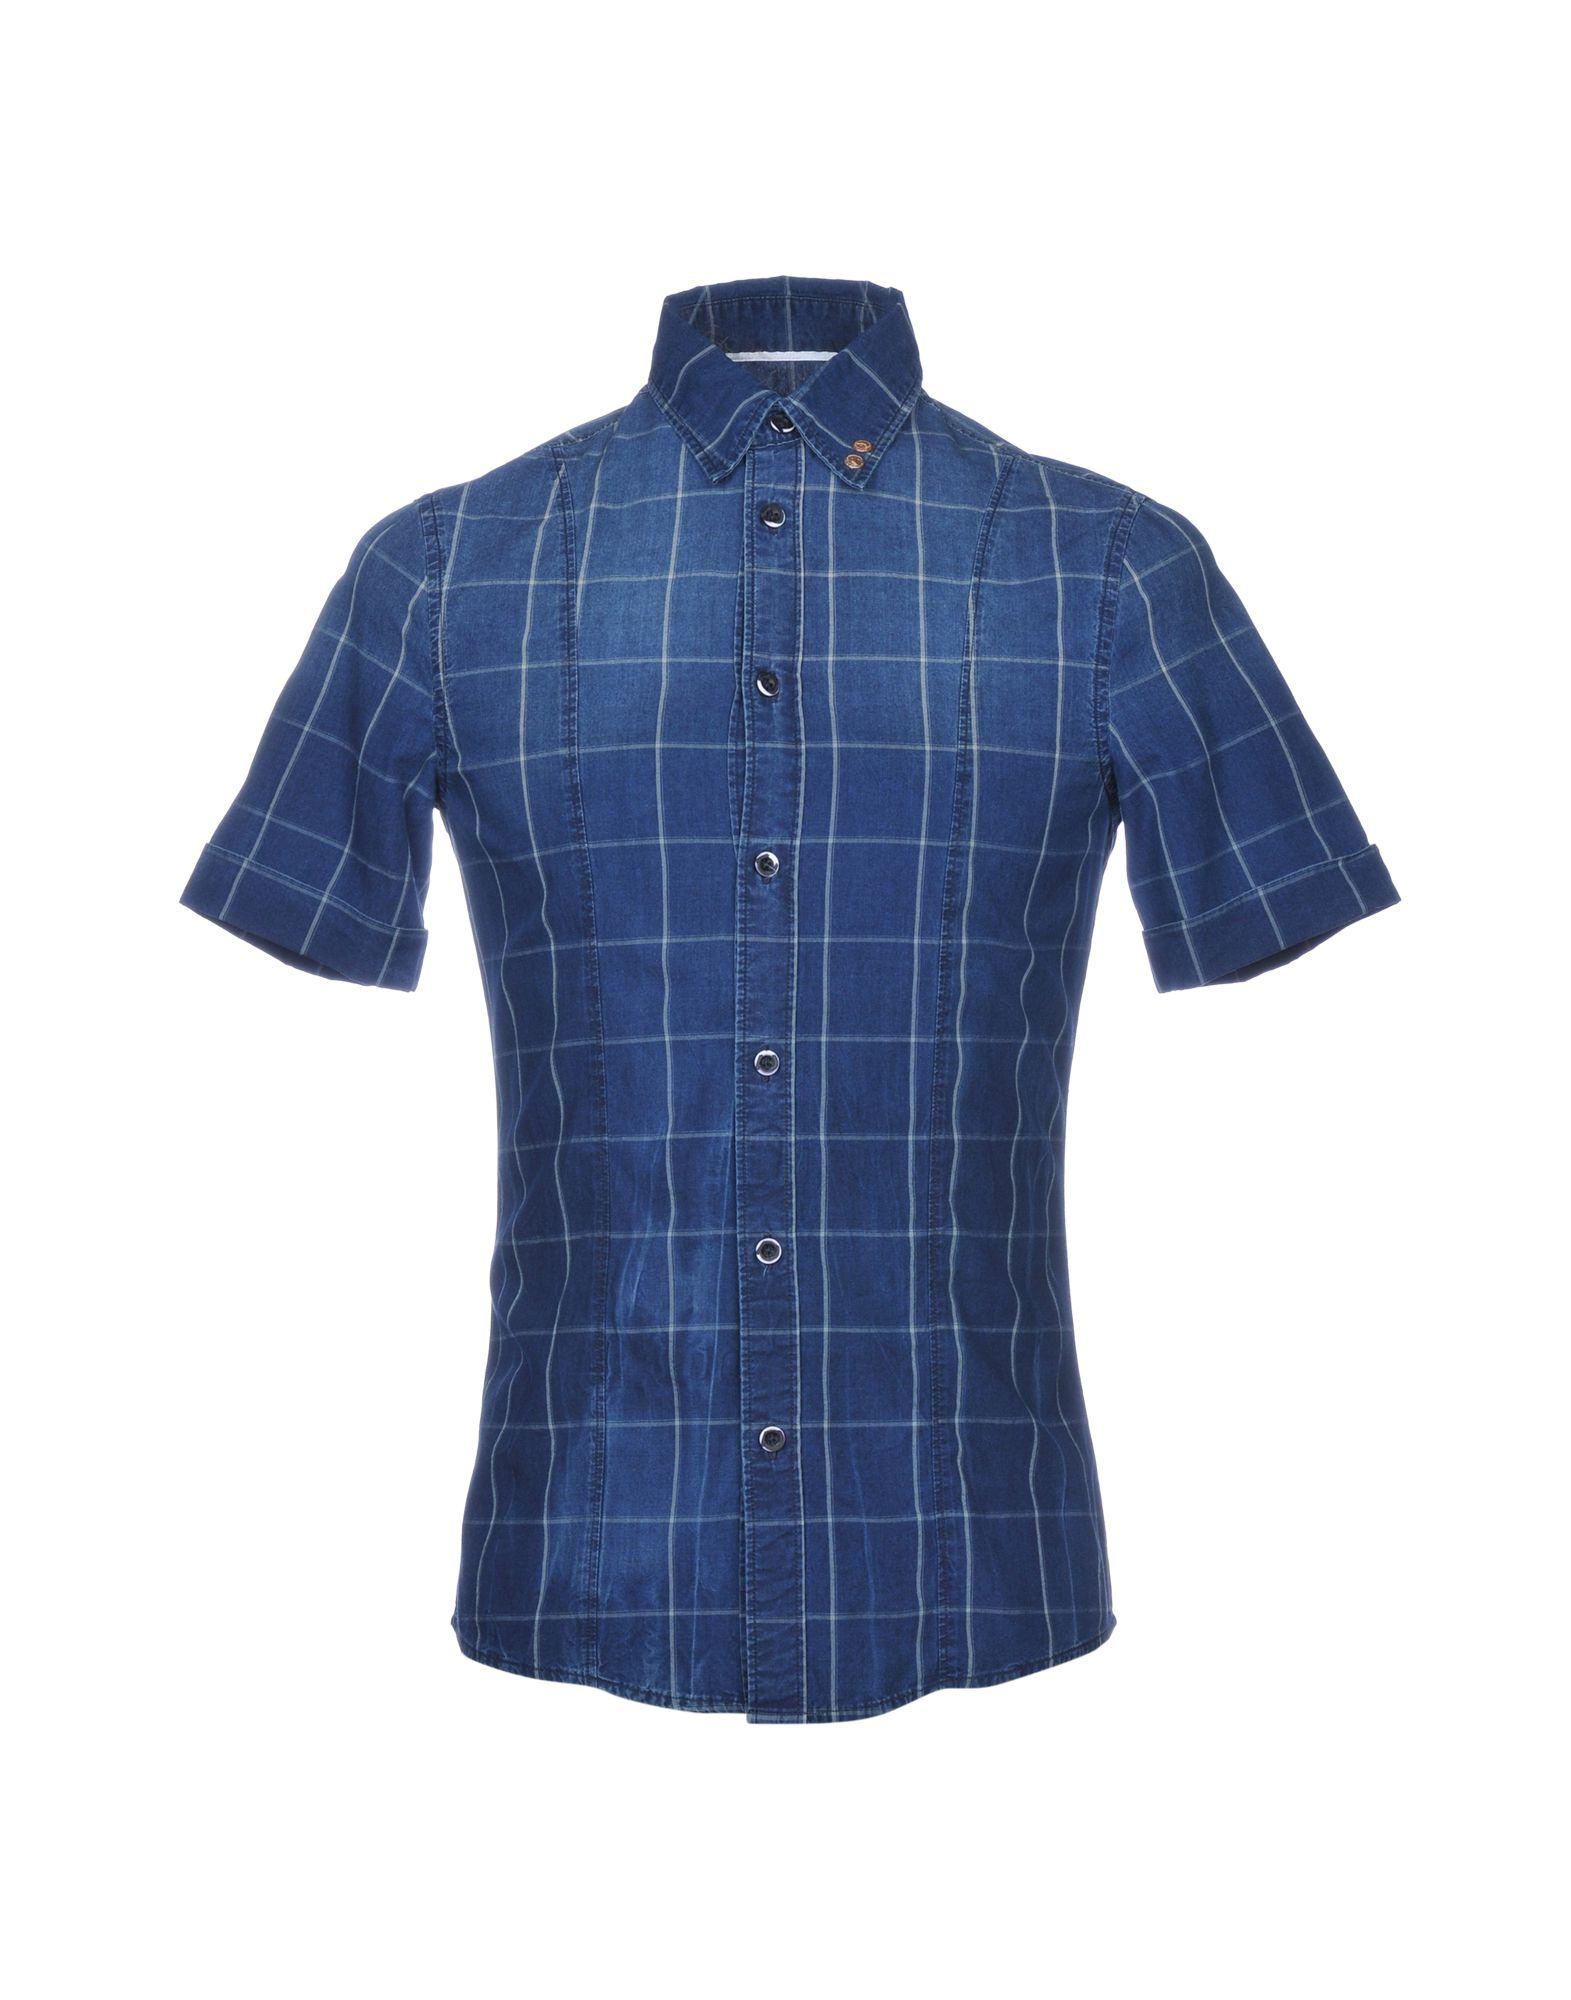 ARMANI JEANS Джинсовая рубашка рубашка armani jeans 6x6c24 6n0xz 2513